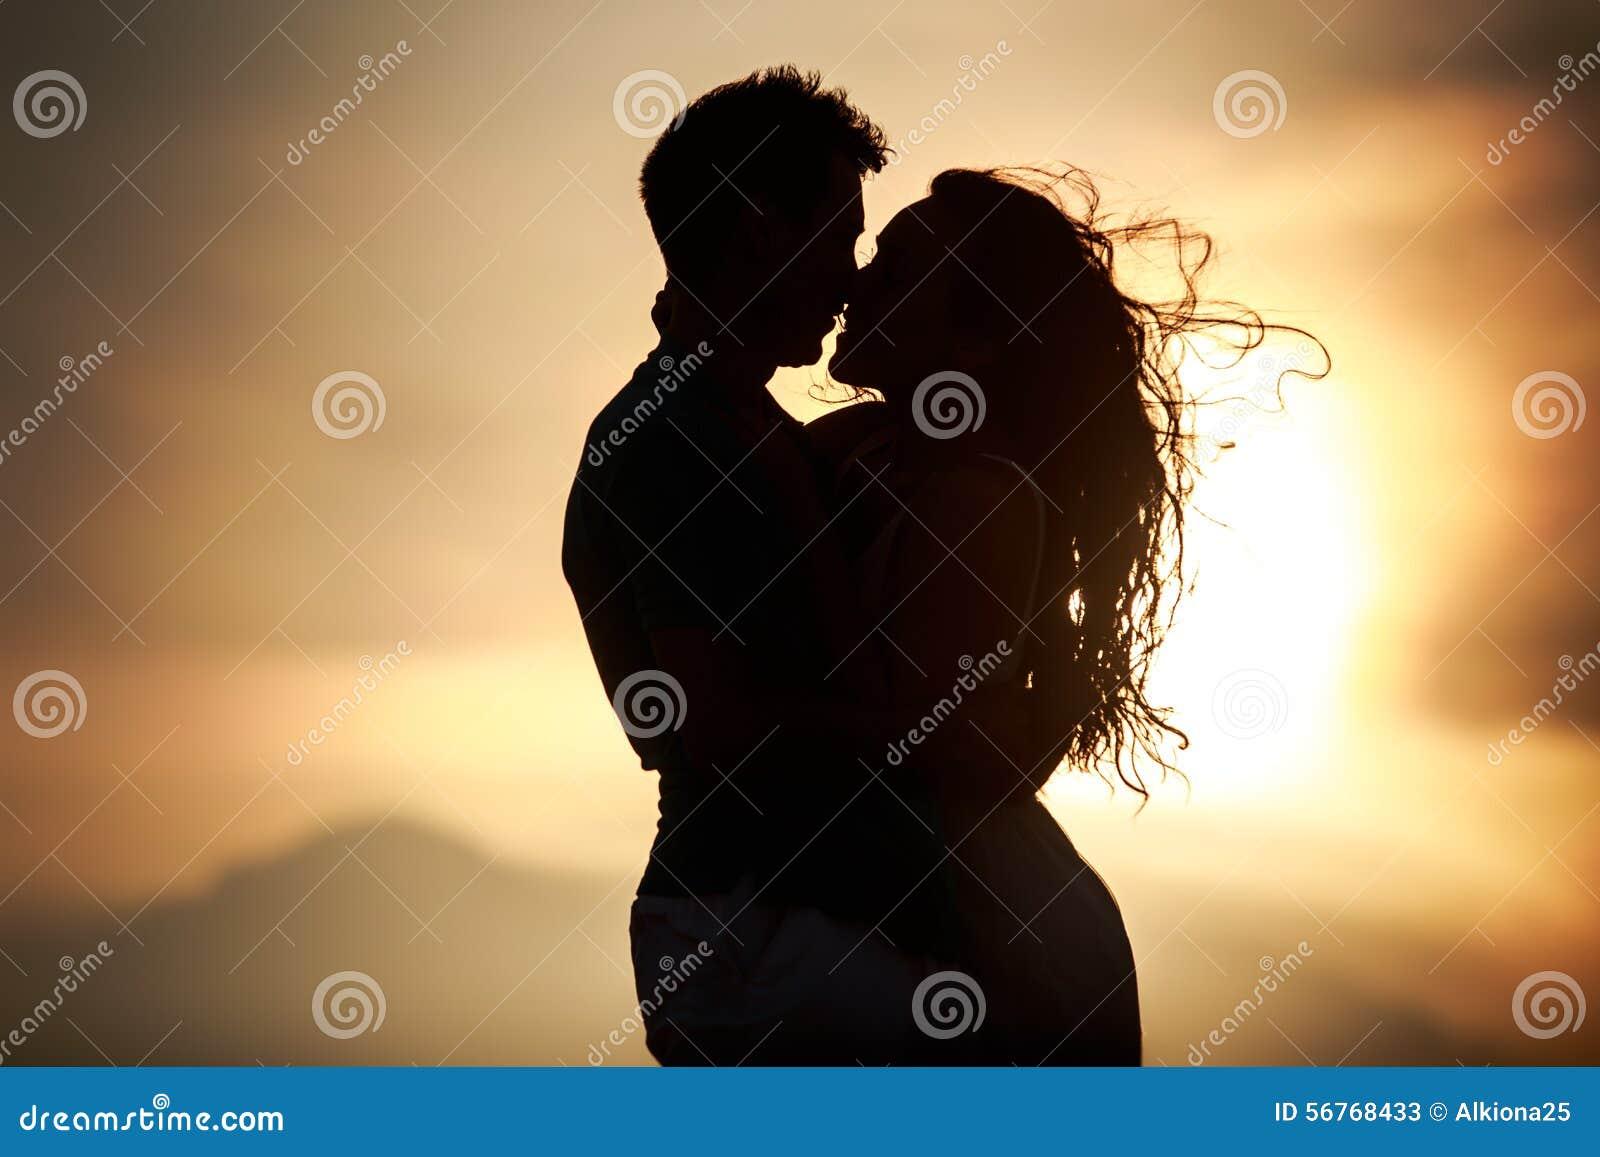 Silueta de besar el individuo y a la muchacha en el amanecer